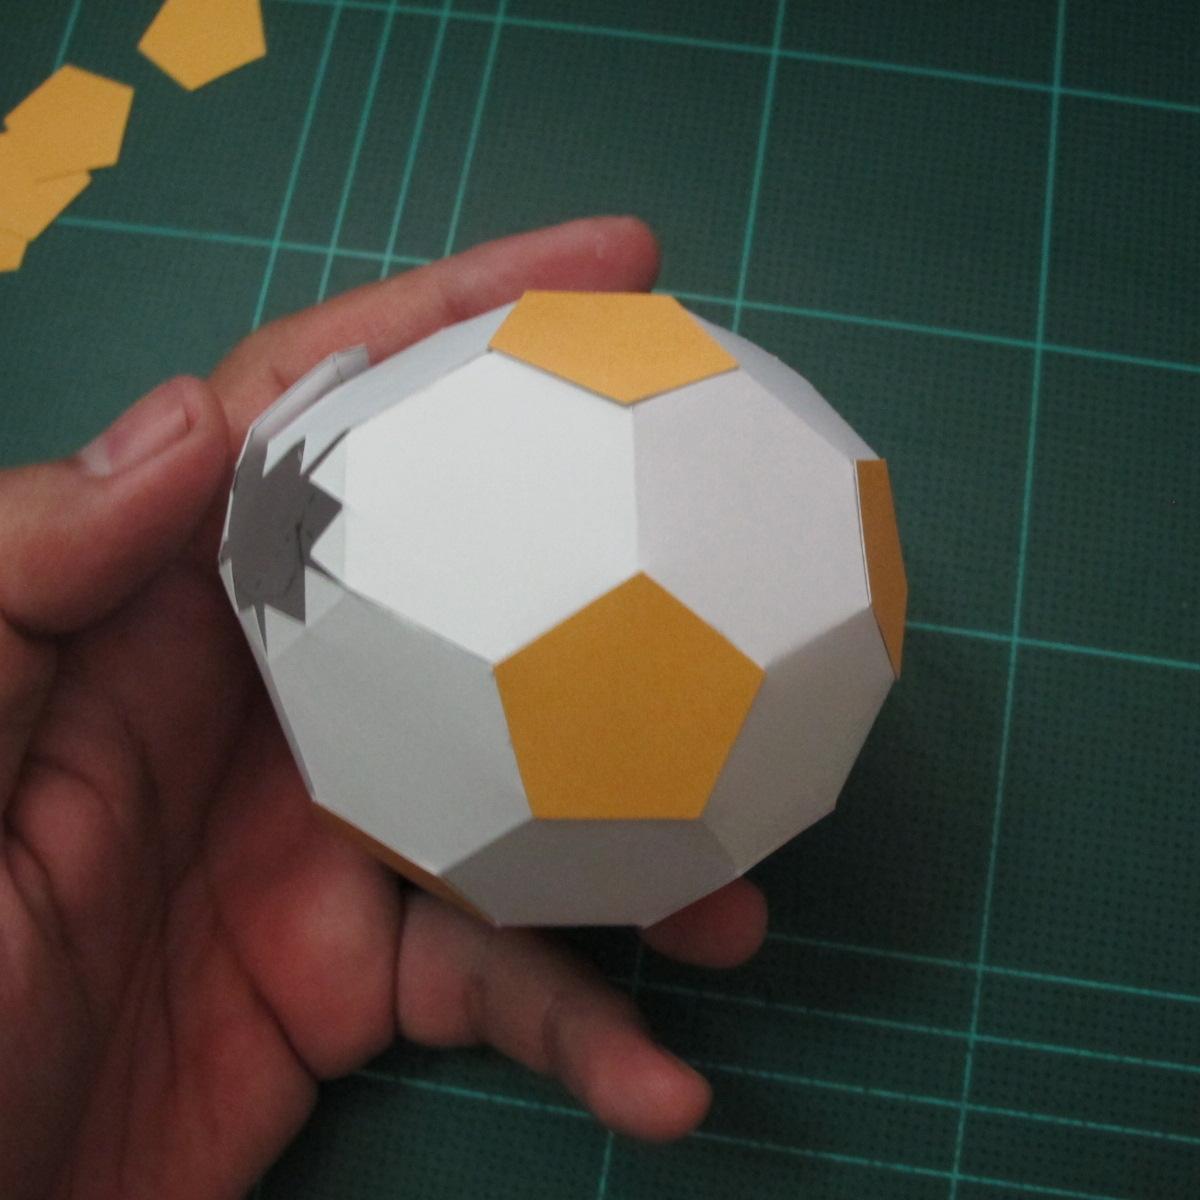 วิธีทำโมเดลกระดาษหมีบราวน์ชุดบอลโลก 2014 ทีมบราซิล (LINE Brown Bear in FIFA World Cup 2014 Brazil Jerseys Papercraft Model) 006